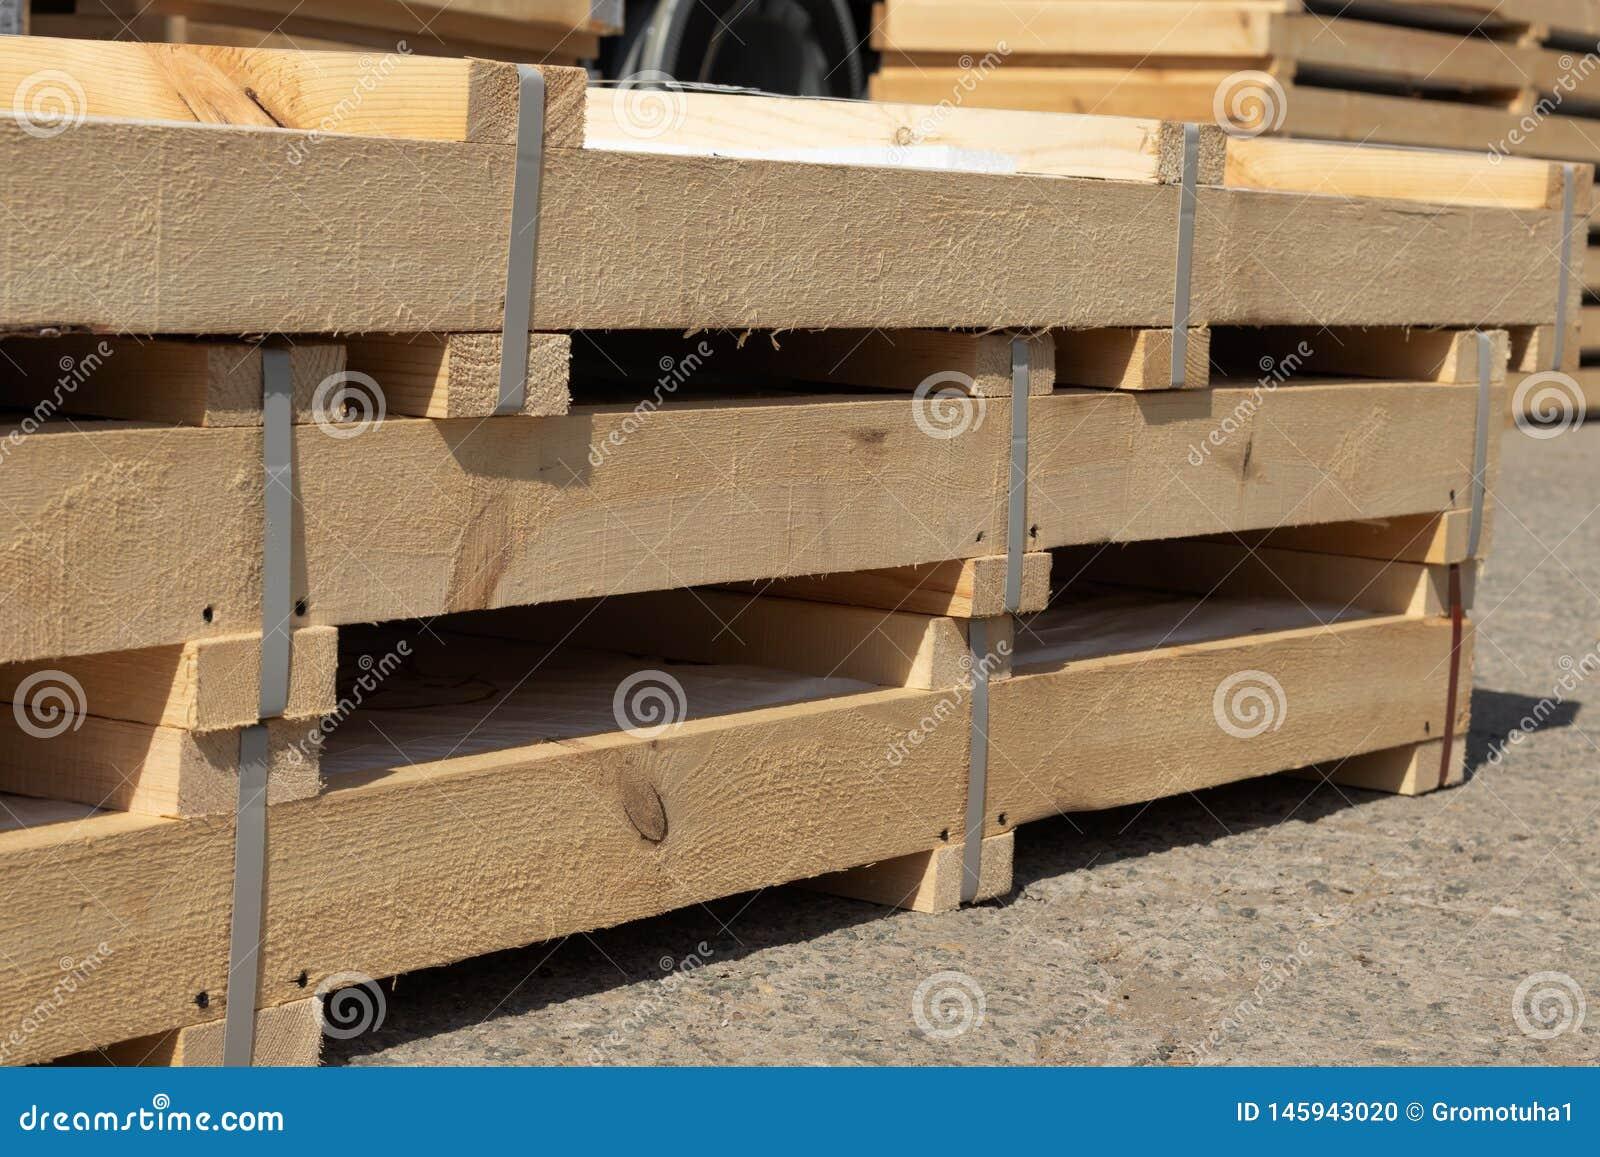 在木箱包装的产品在库存准备好运输